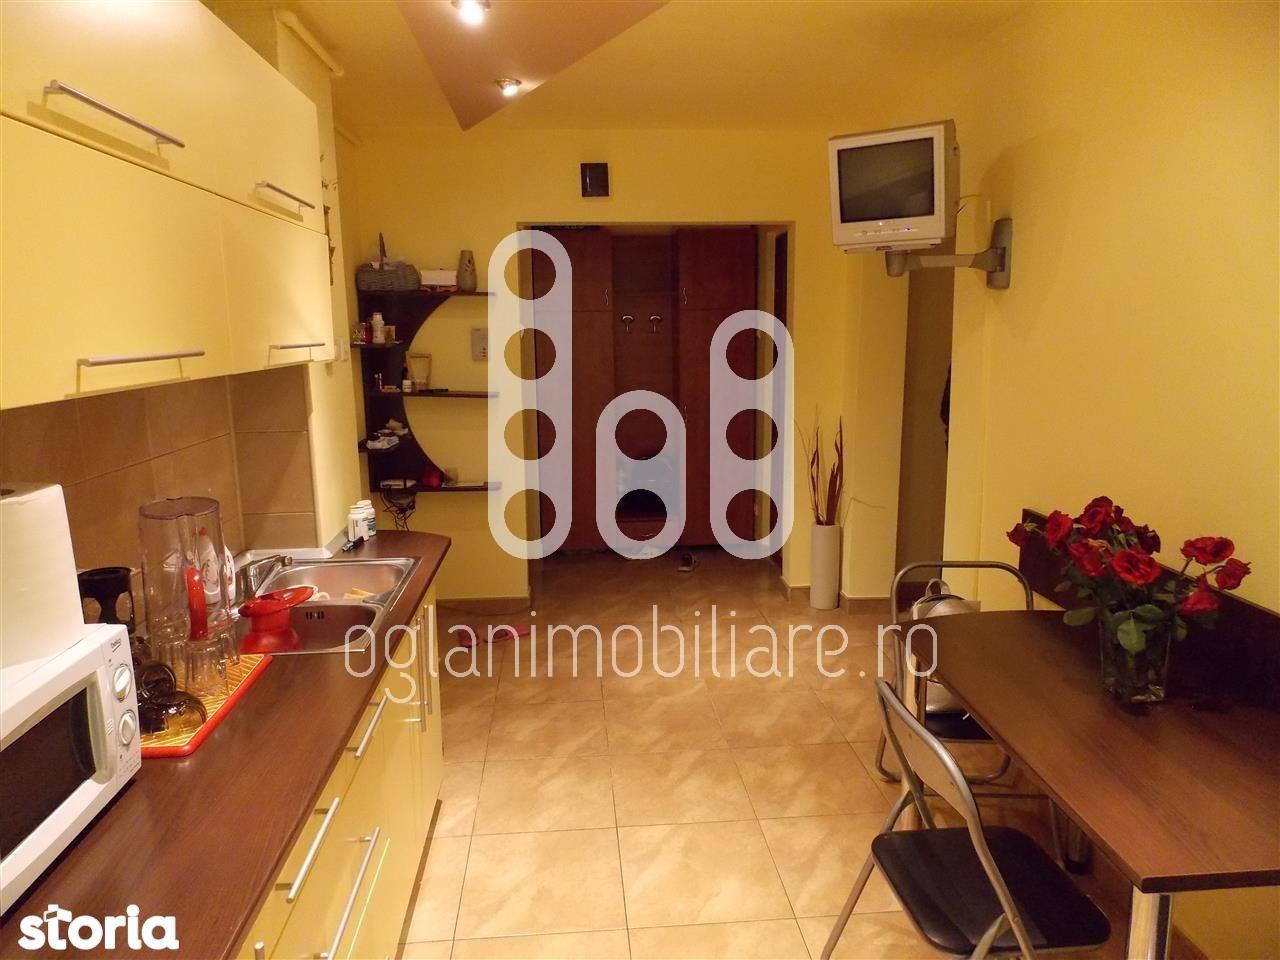 Apartament de vanzare, Sibiu (judet), Hipodrom 3 - Foto 6